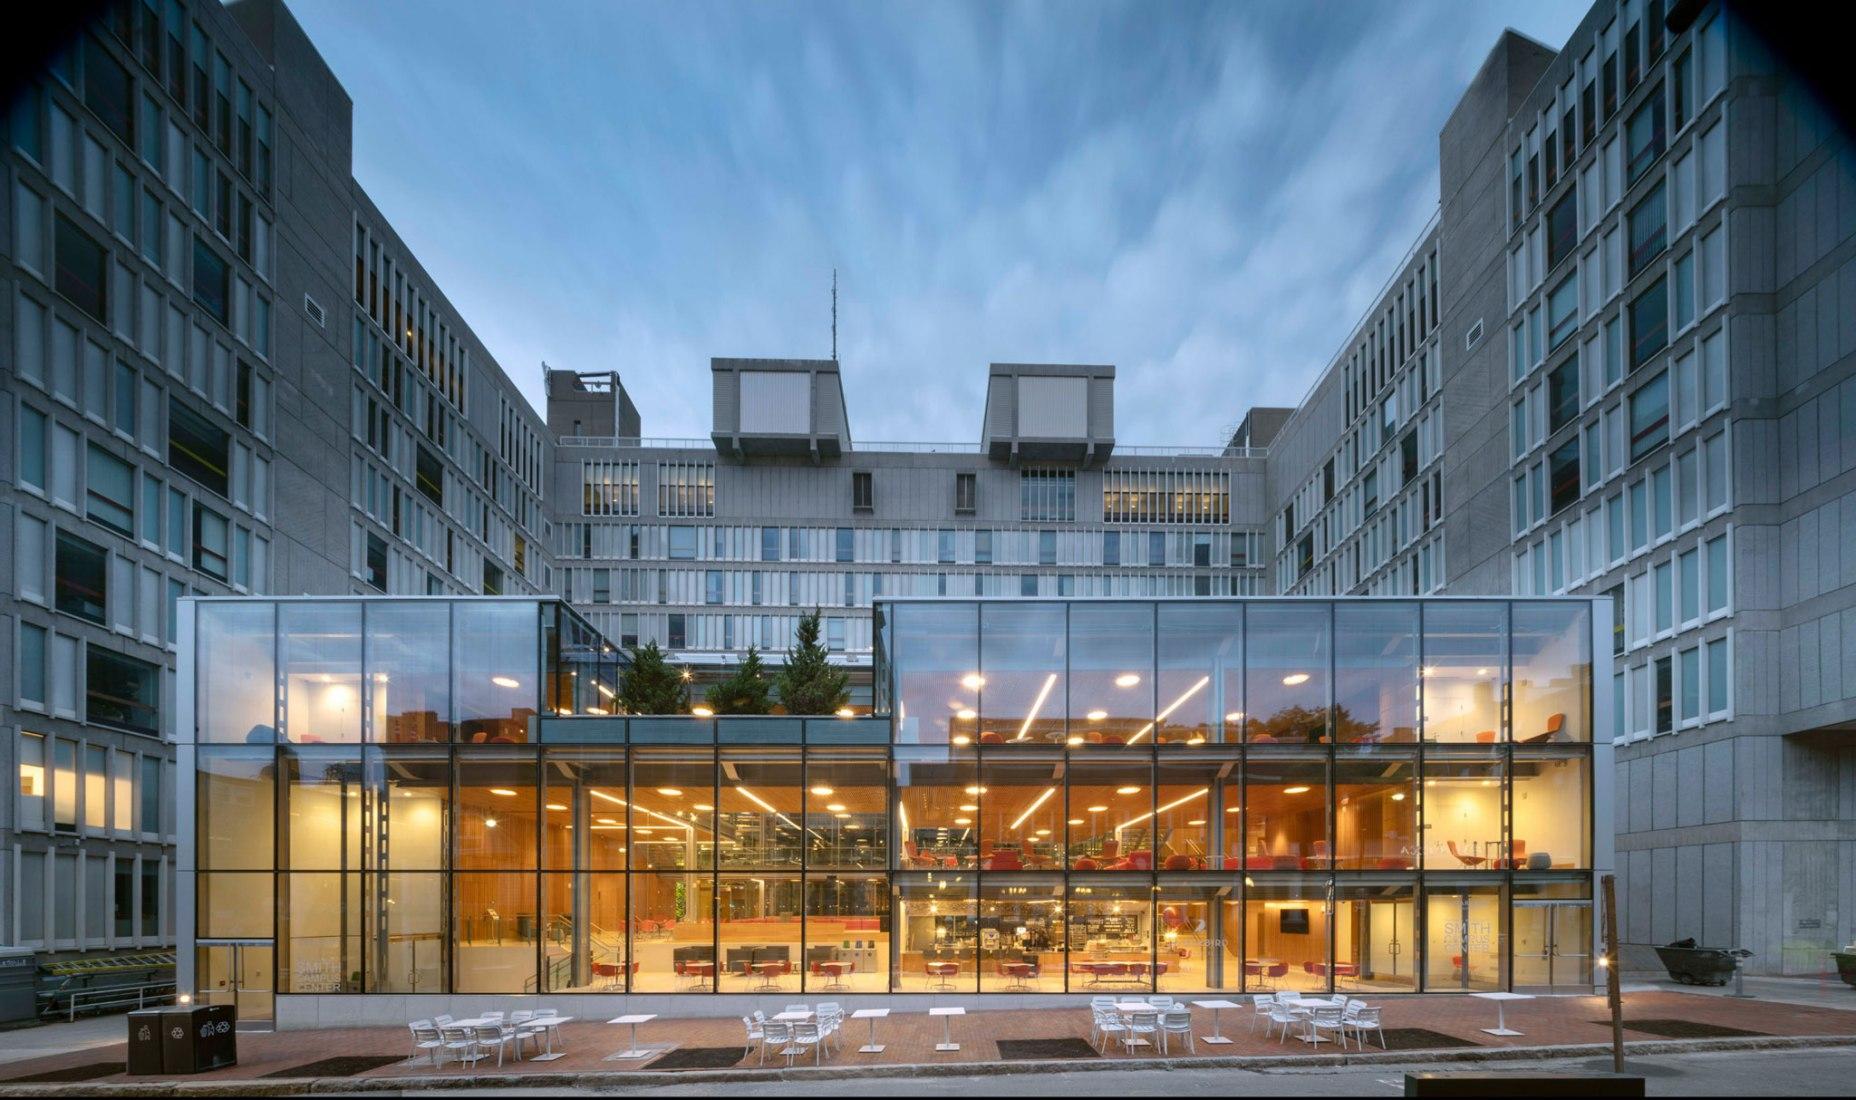 Harvard University: Richard A. y Susan F. Smith Campus Center por Hopkins Architects. Fotografía por Nic Lehoux.